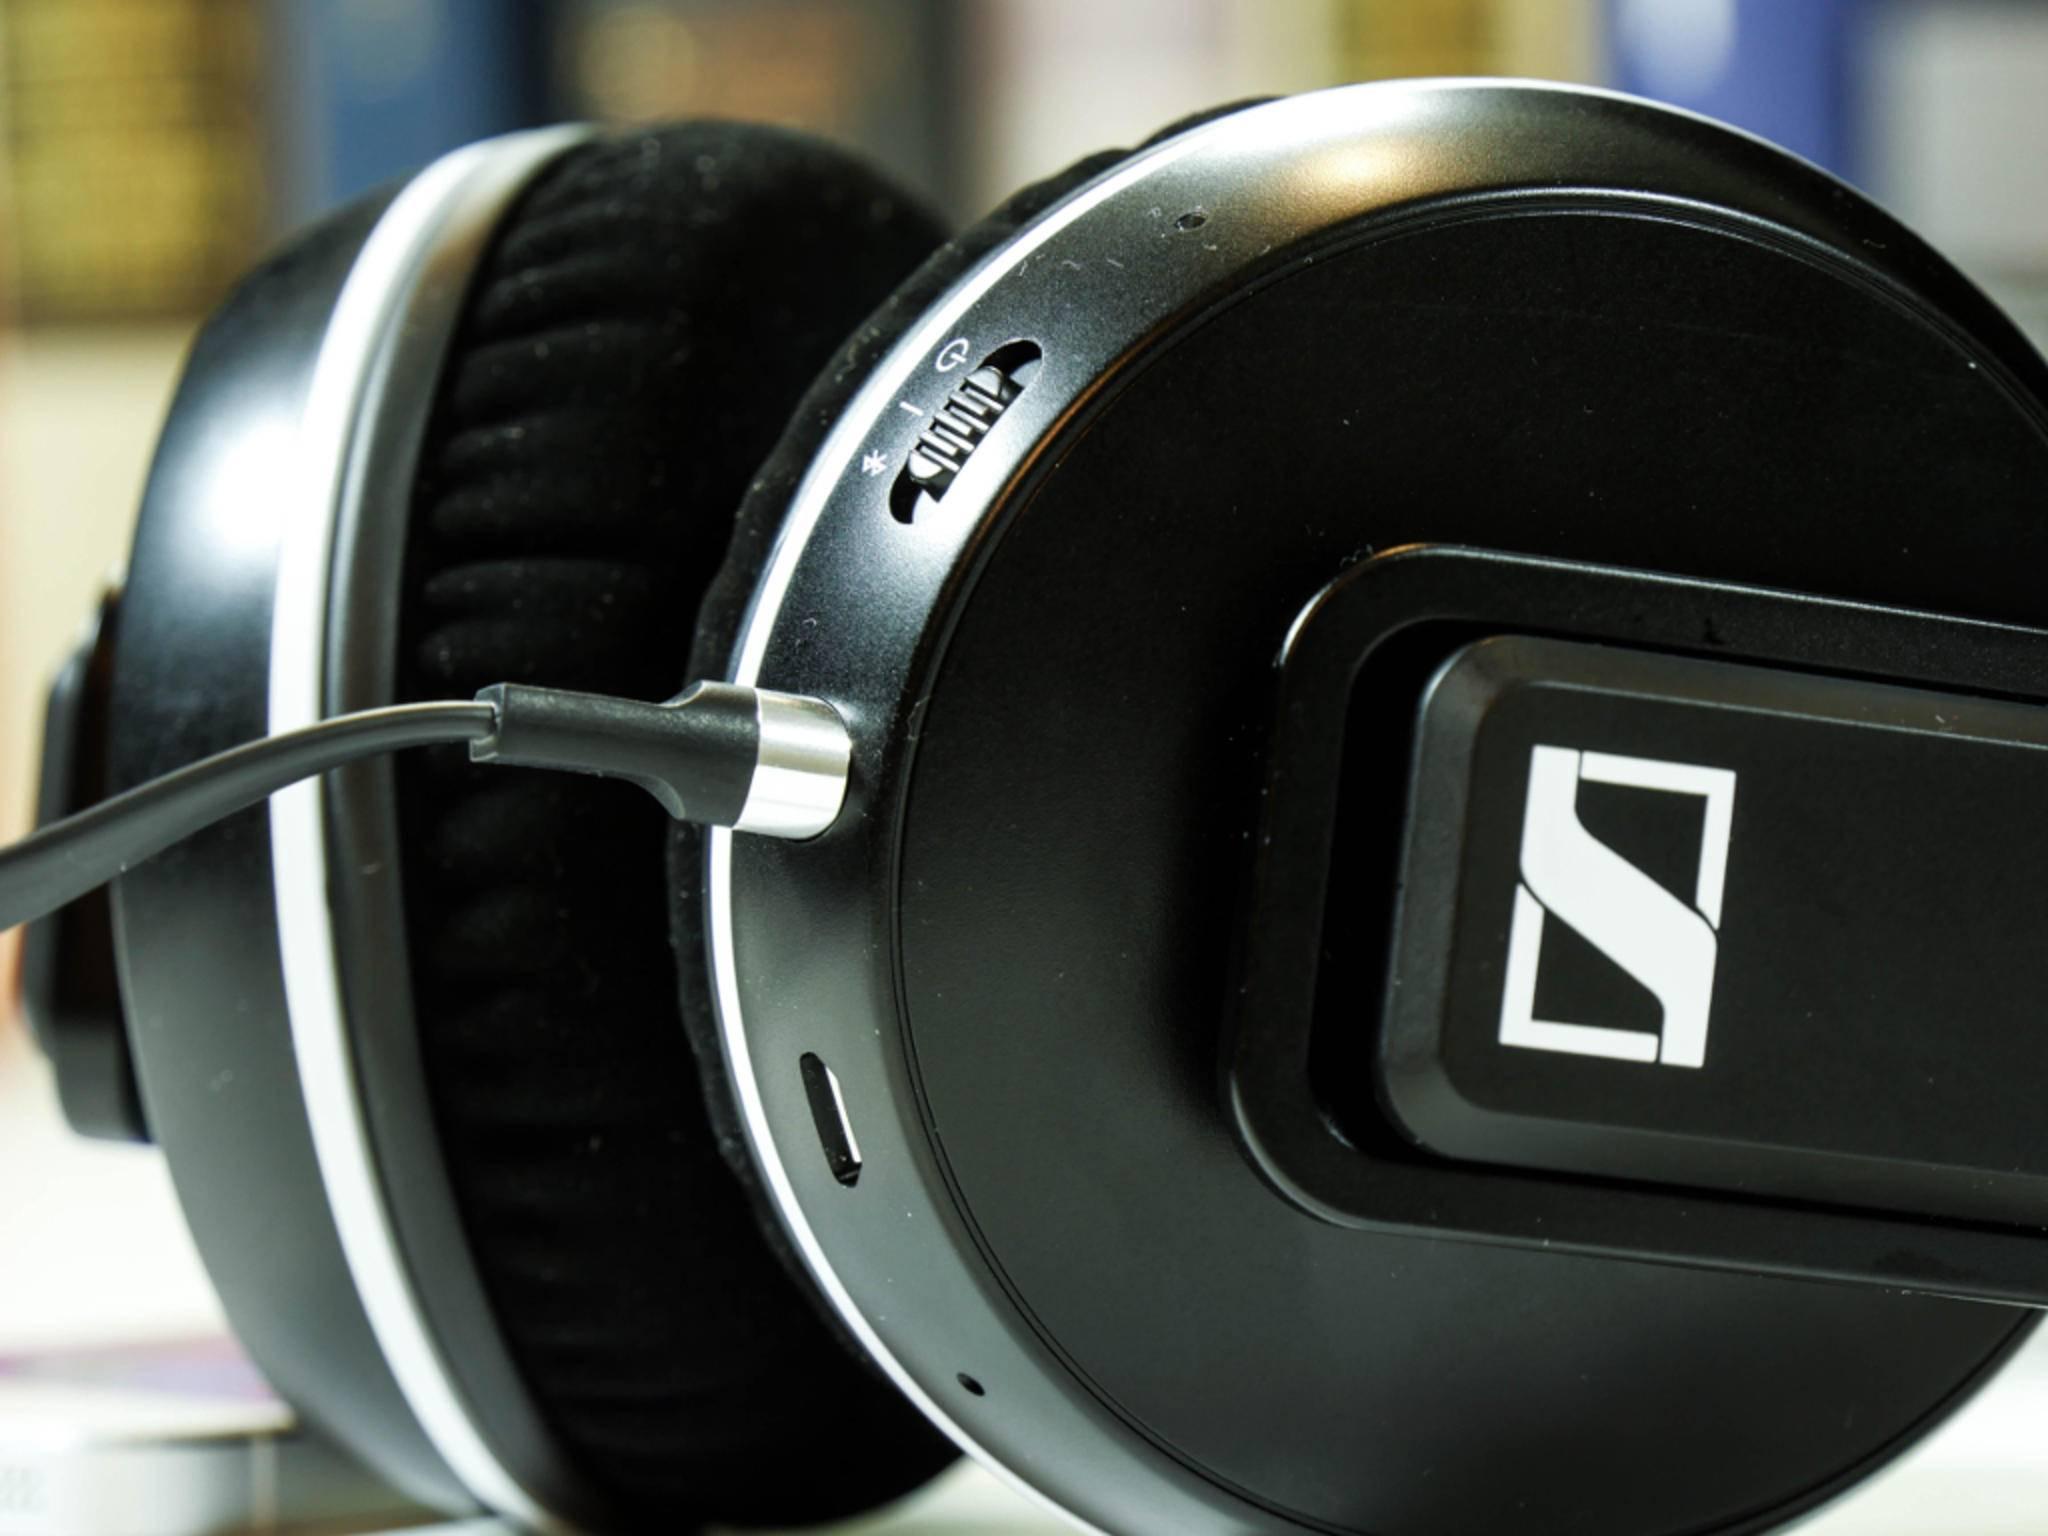 Neben Bluetooth kann der Kopfhörer auch per Kabel mit einem Gerät verbunden werden,